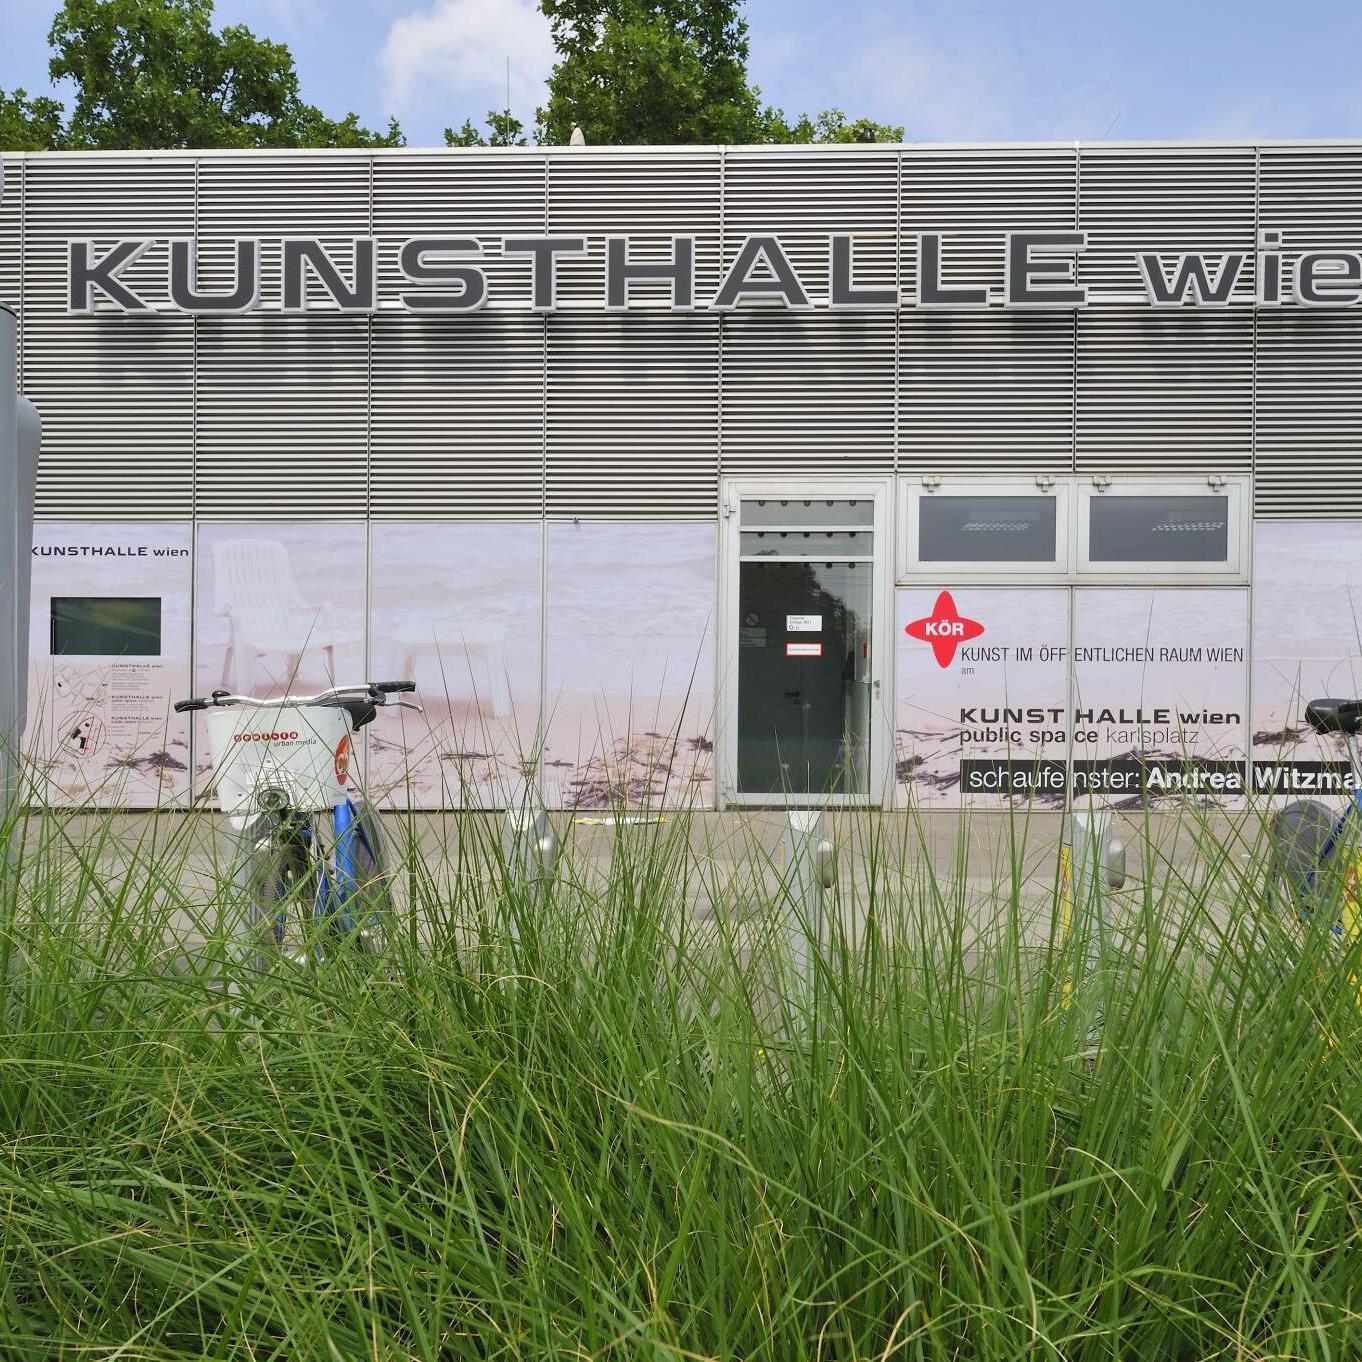 Kunsthalle Wien, project space karlsplatz (4., Treitlstraße 2,)